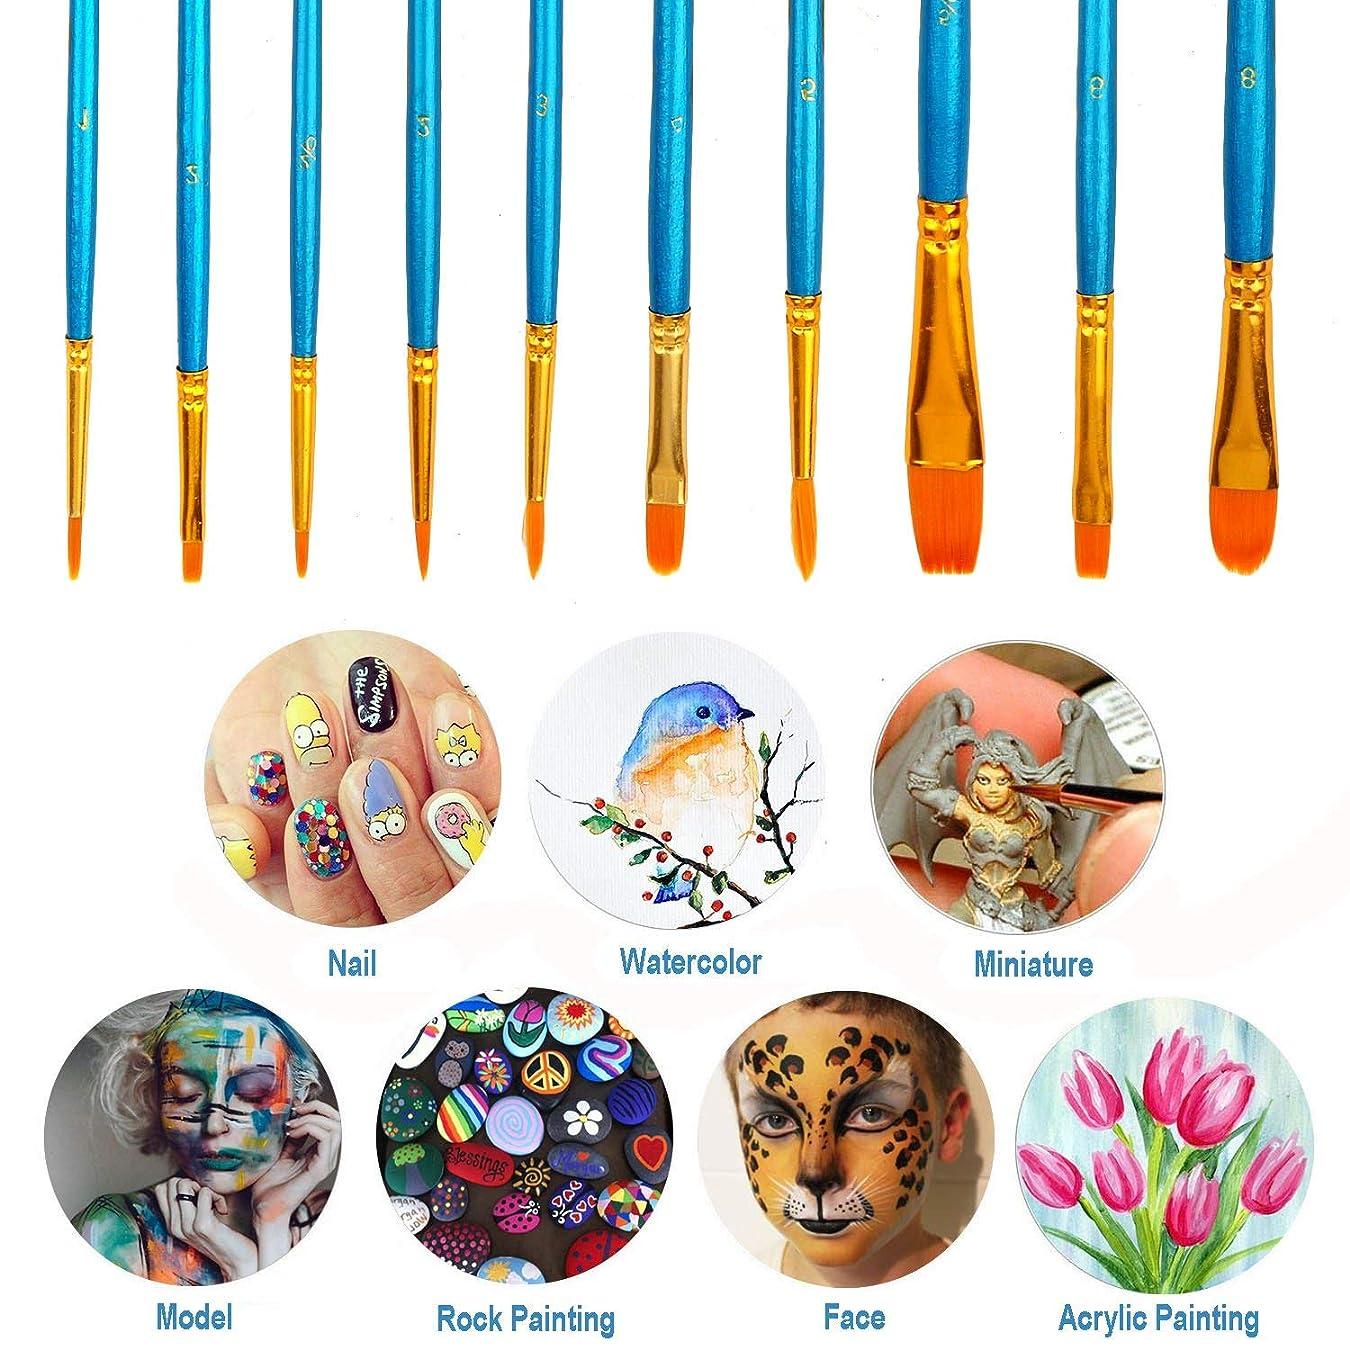 ミリメーターエミュレーションしみアーティストペイントブラシセット ナイロンヘアブラシ10本セット アクリル油絵 水彩画アーティストプロフェッショナルペイントキット 子供 学生 初心者向け